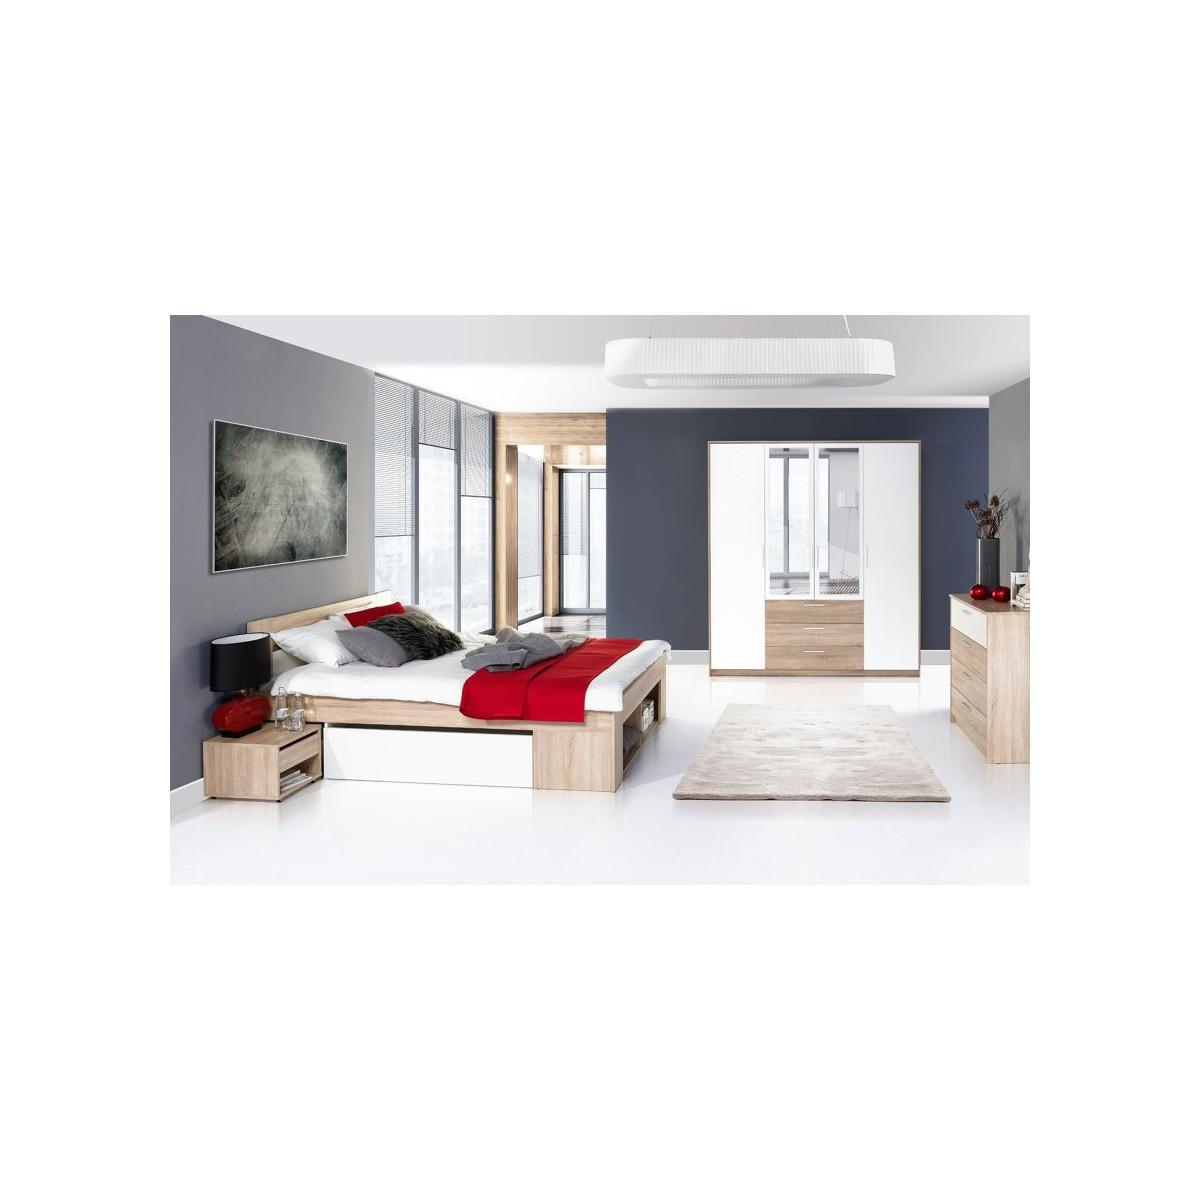 Łóżko 160 cm + 2 szafki nocne Milo Typ 09